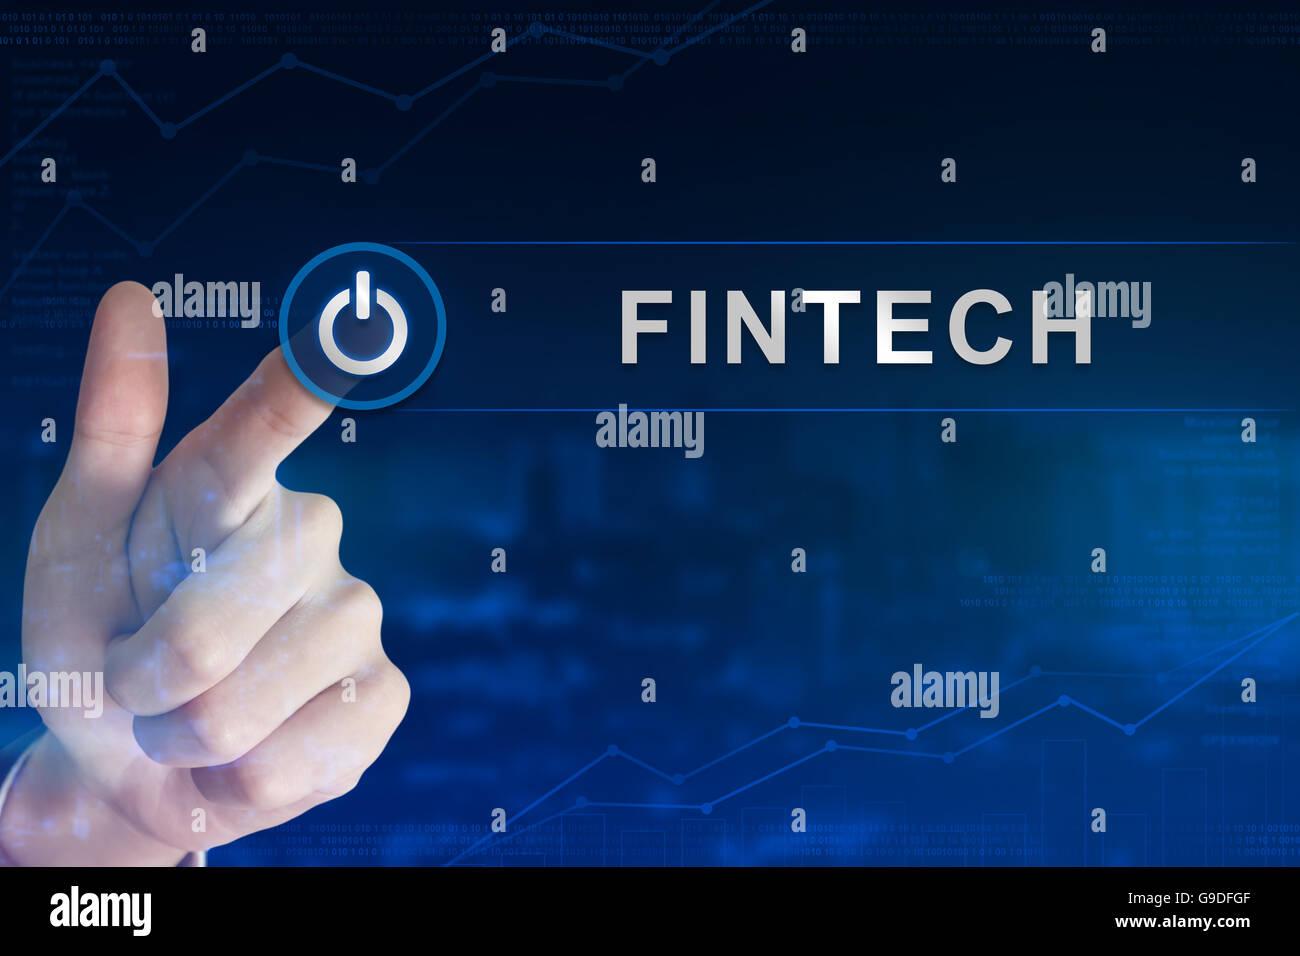 Doppelbelichtung Business Hand anklicken Fintech oder Finanztechnologie Knopf mit unscharfen Hintergrund Stockbild